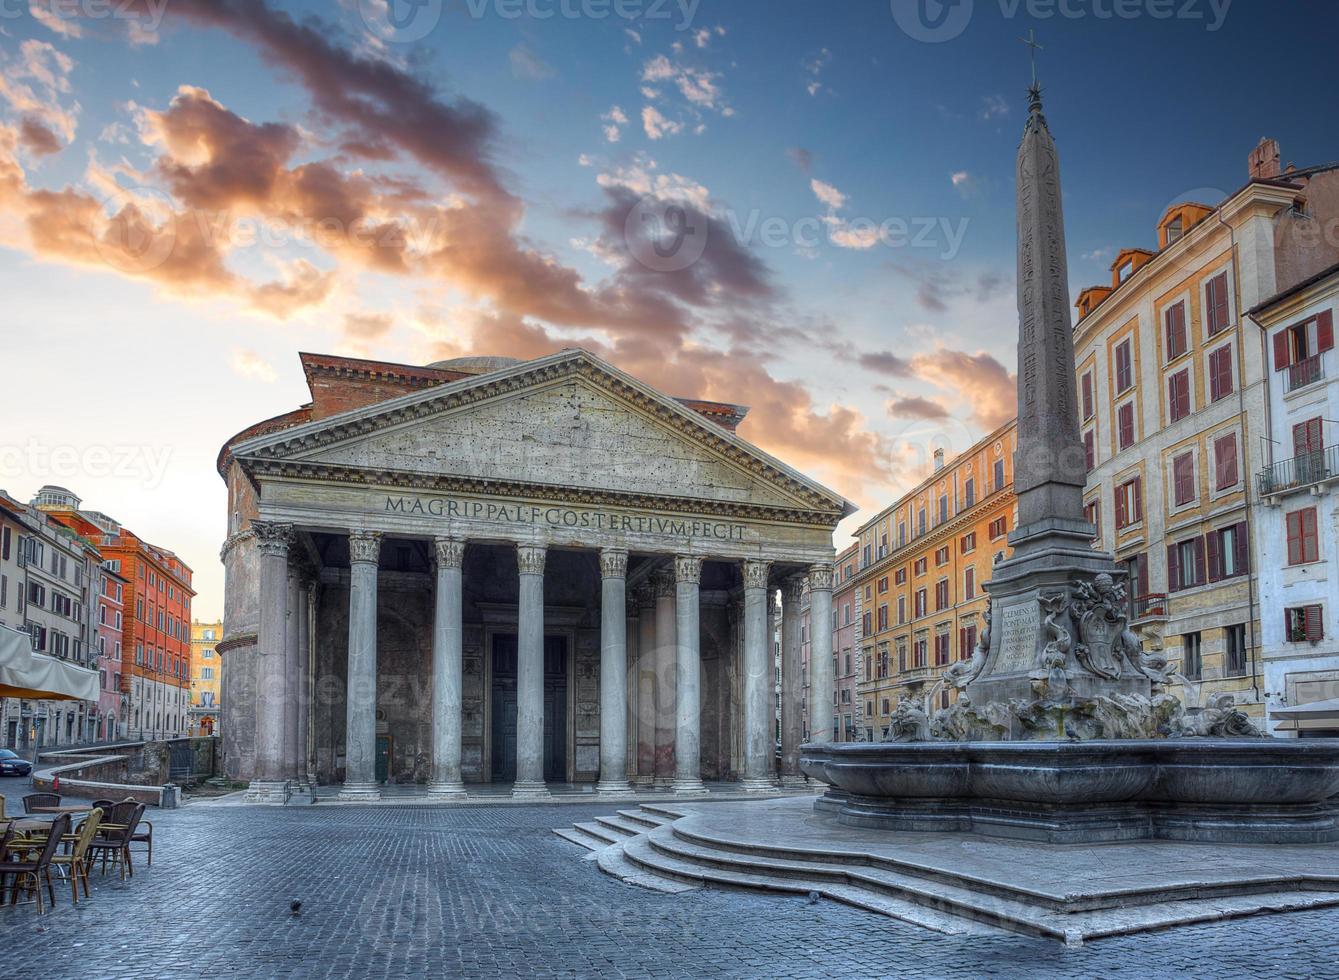 vista do Panteão de manhã. Roma. Itália. foto